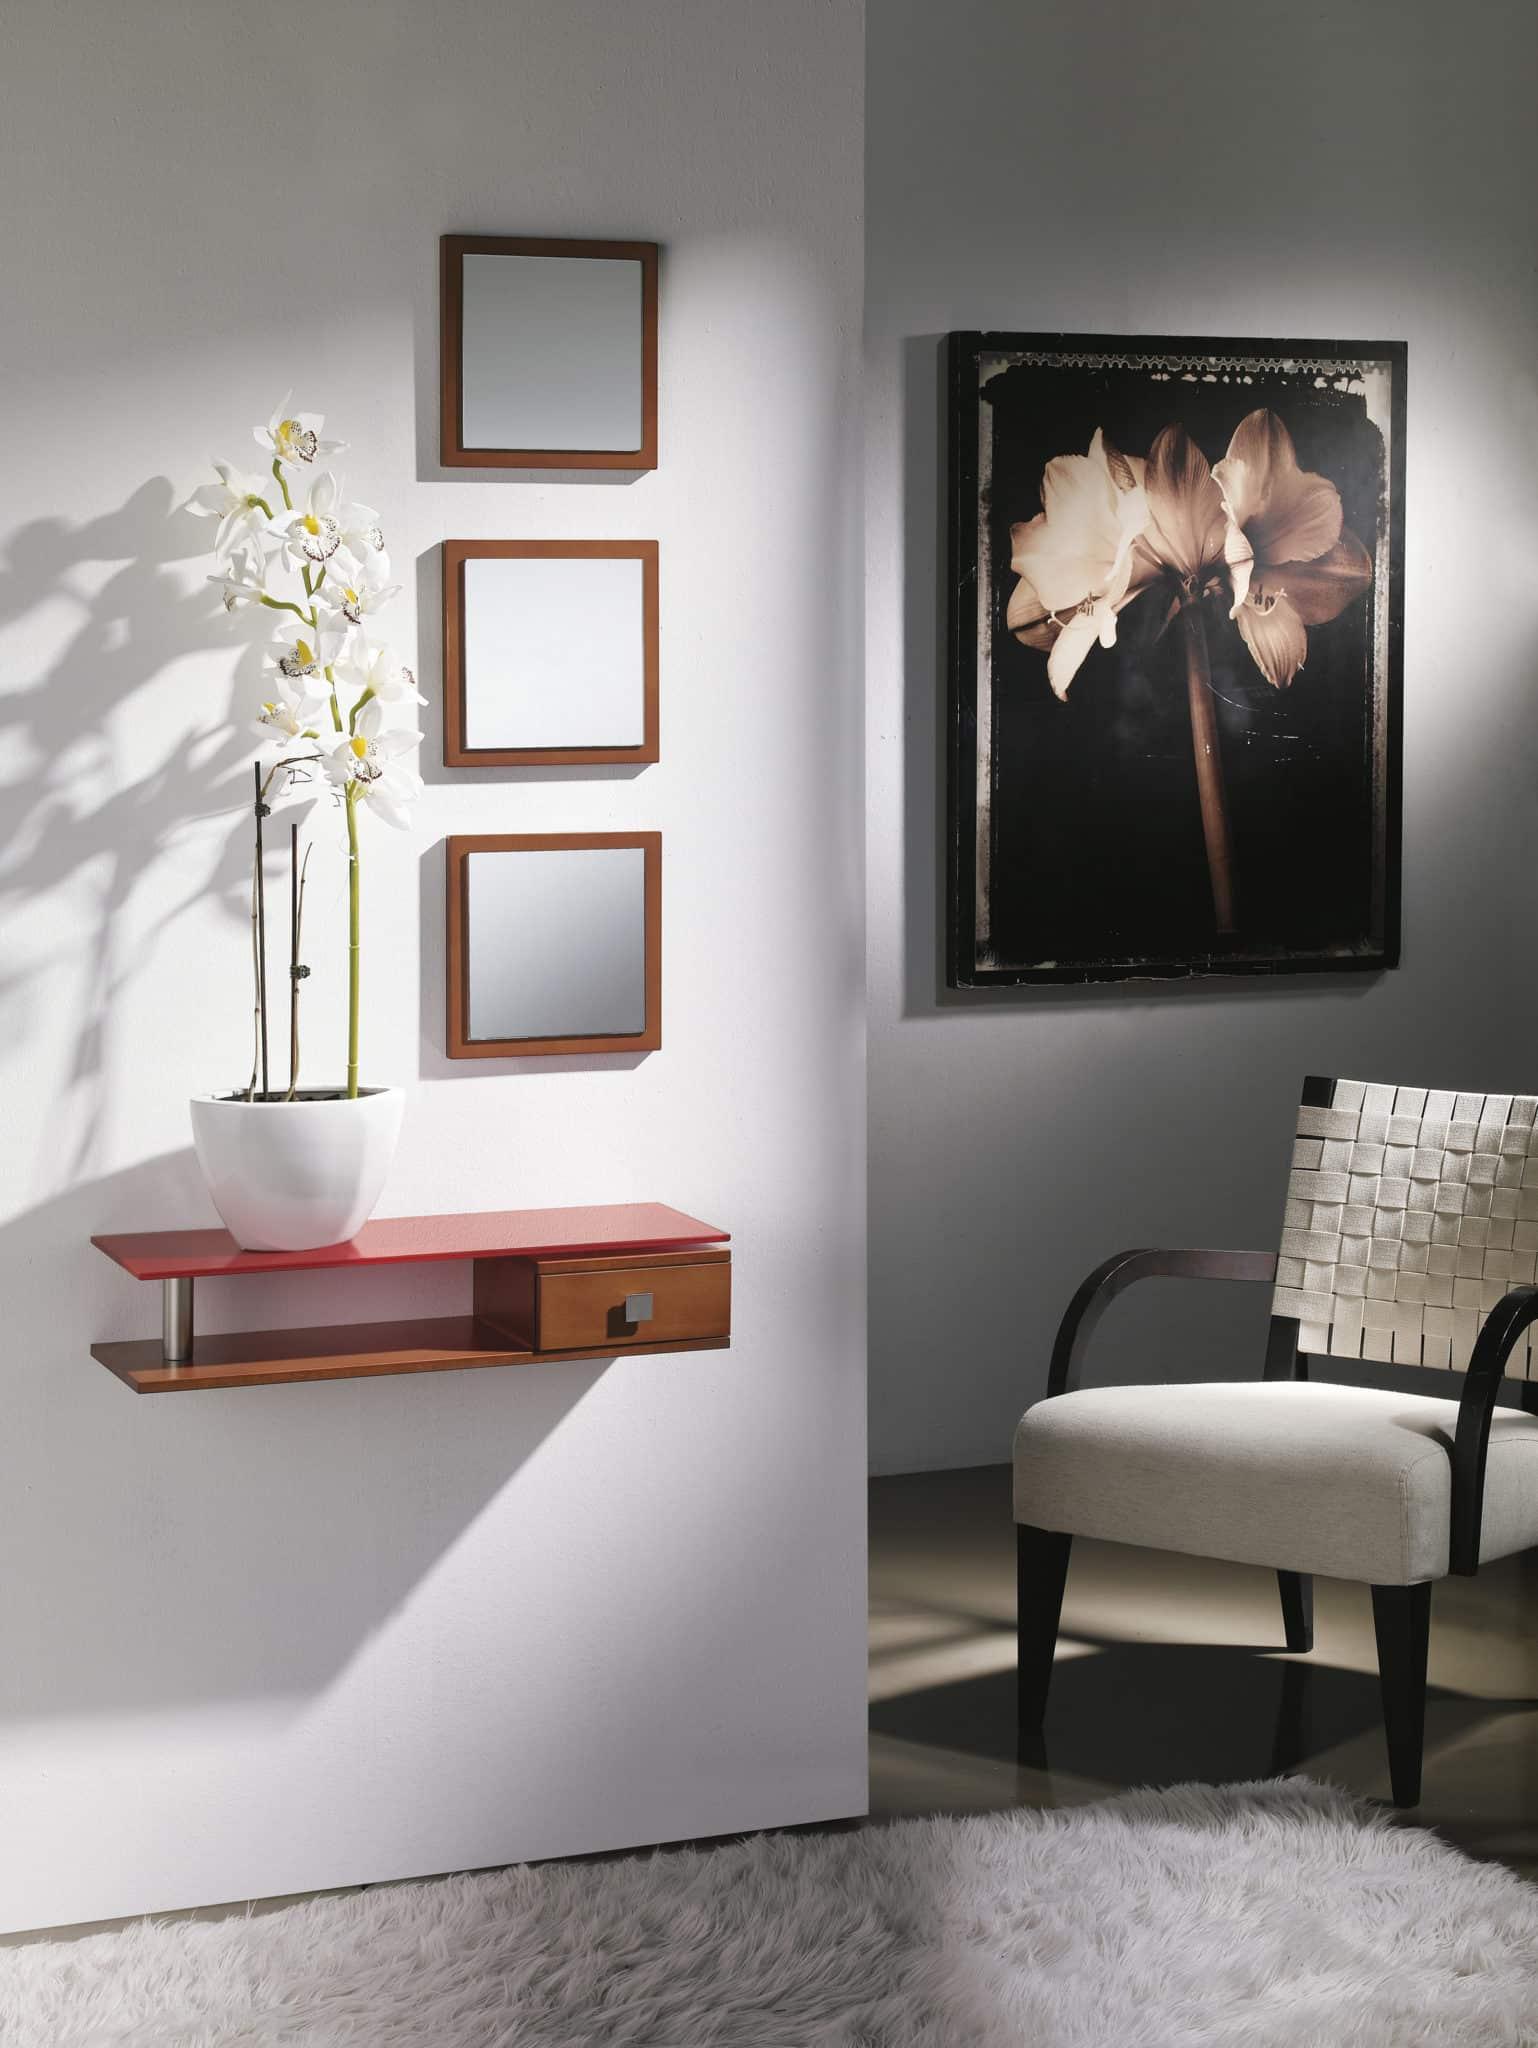 Muebles De Peluqueria Baratos : Recibidor elegante con cajon y estante